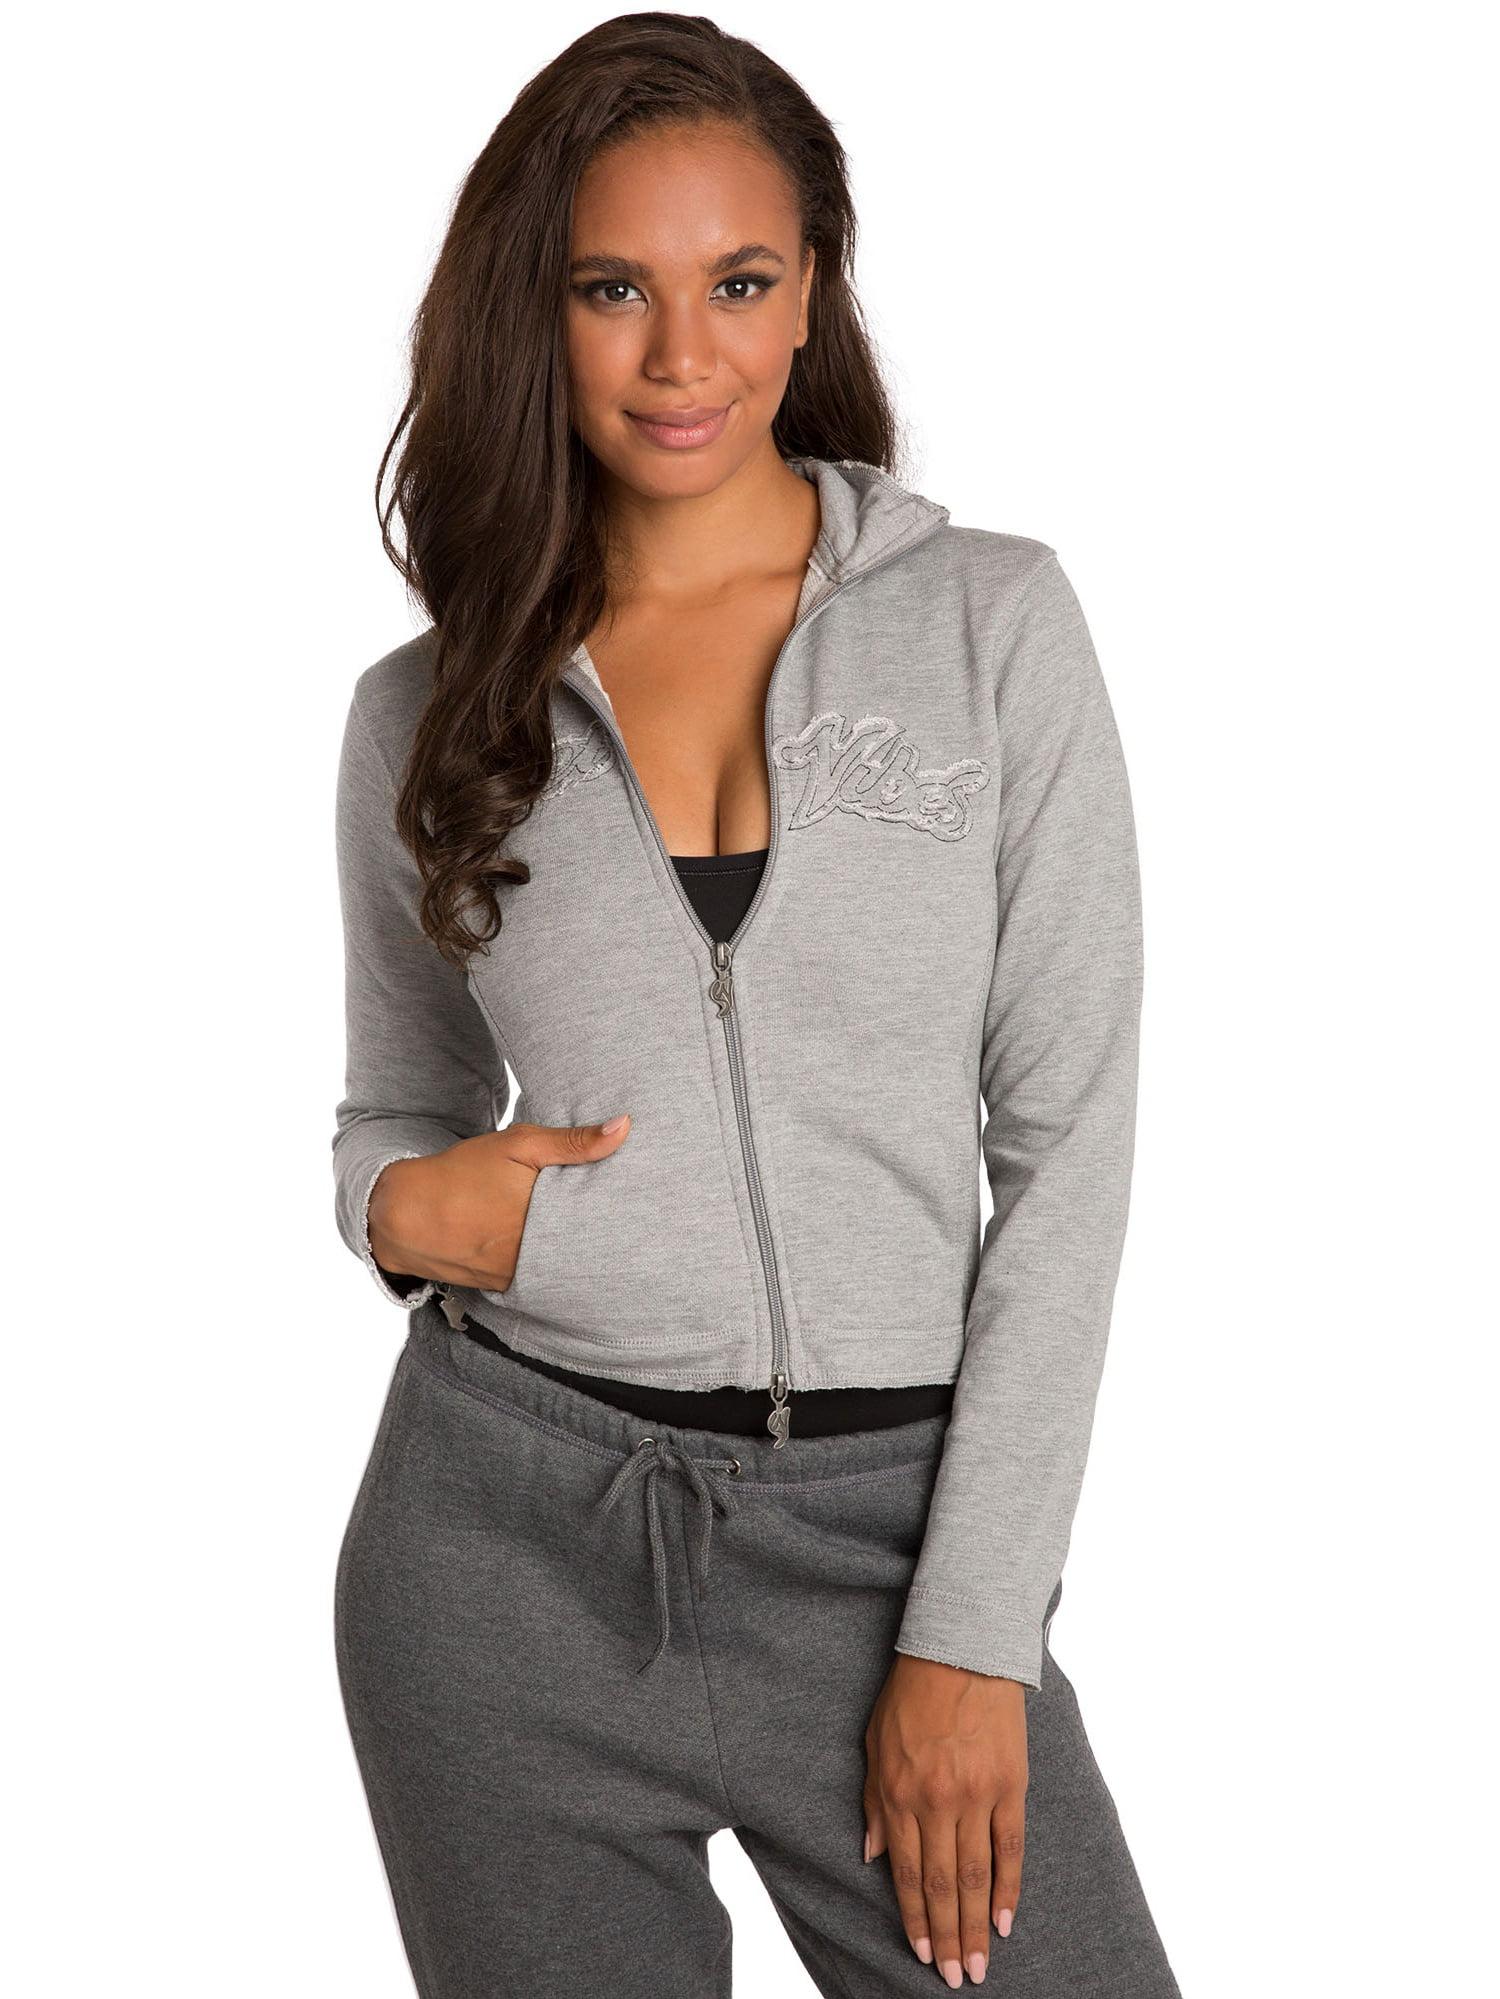 Zhaoguan Printed Hoodies Women//Men Long Sleeve Fashion Hooded Sweatshirts Casual Fans Wear XS Gray